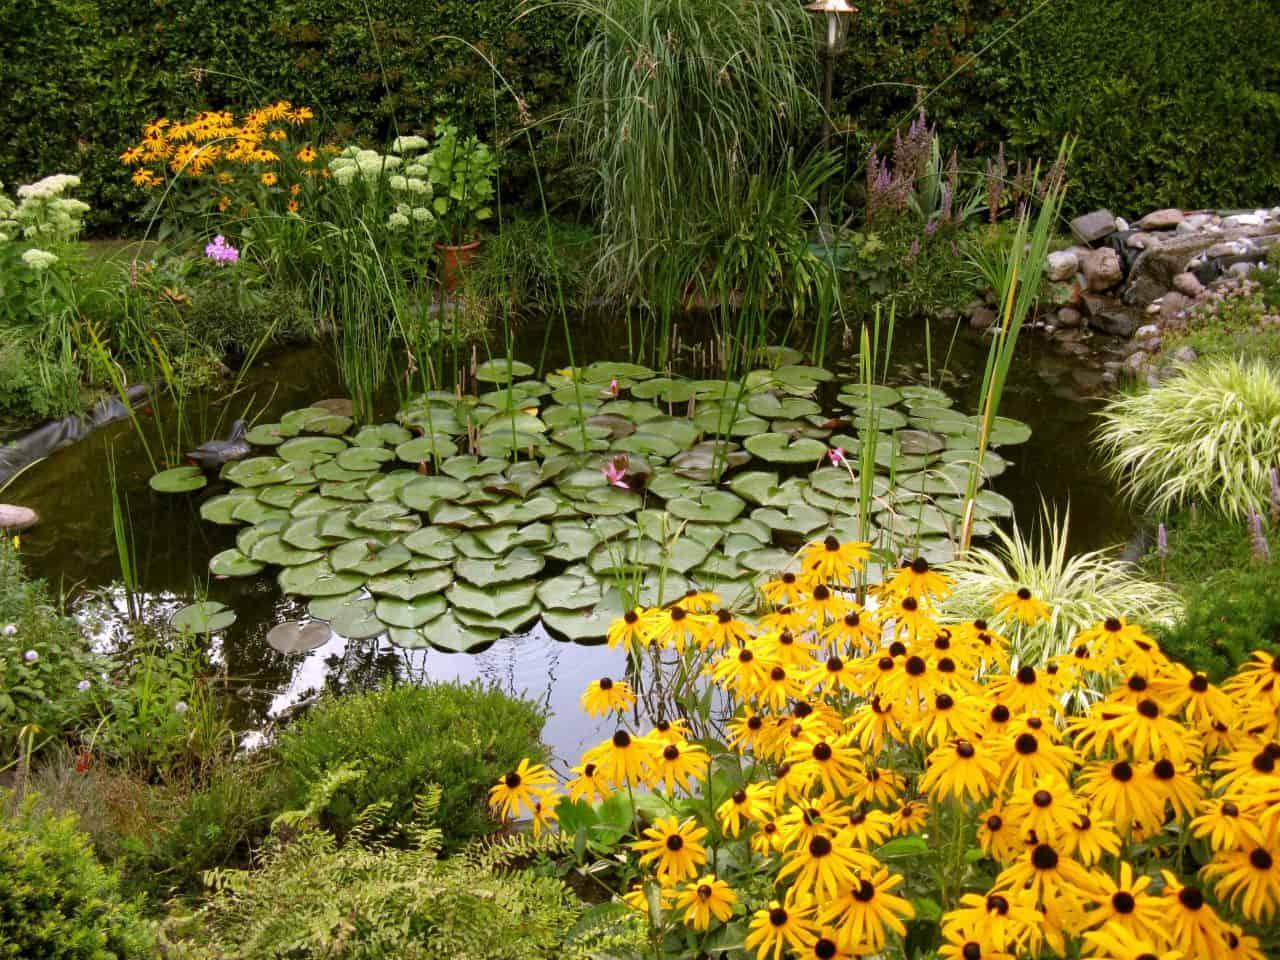 Ein mit einer Seerose bewachsener Teich